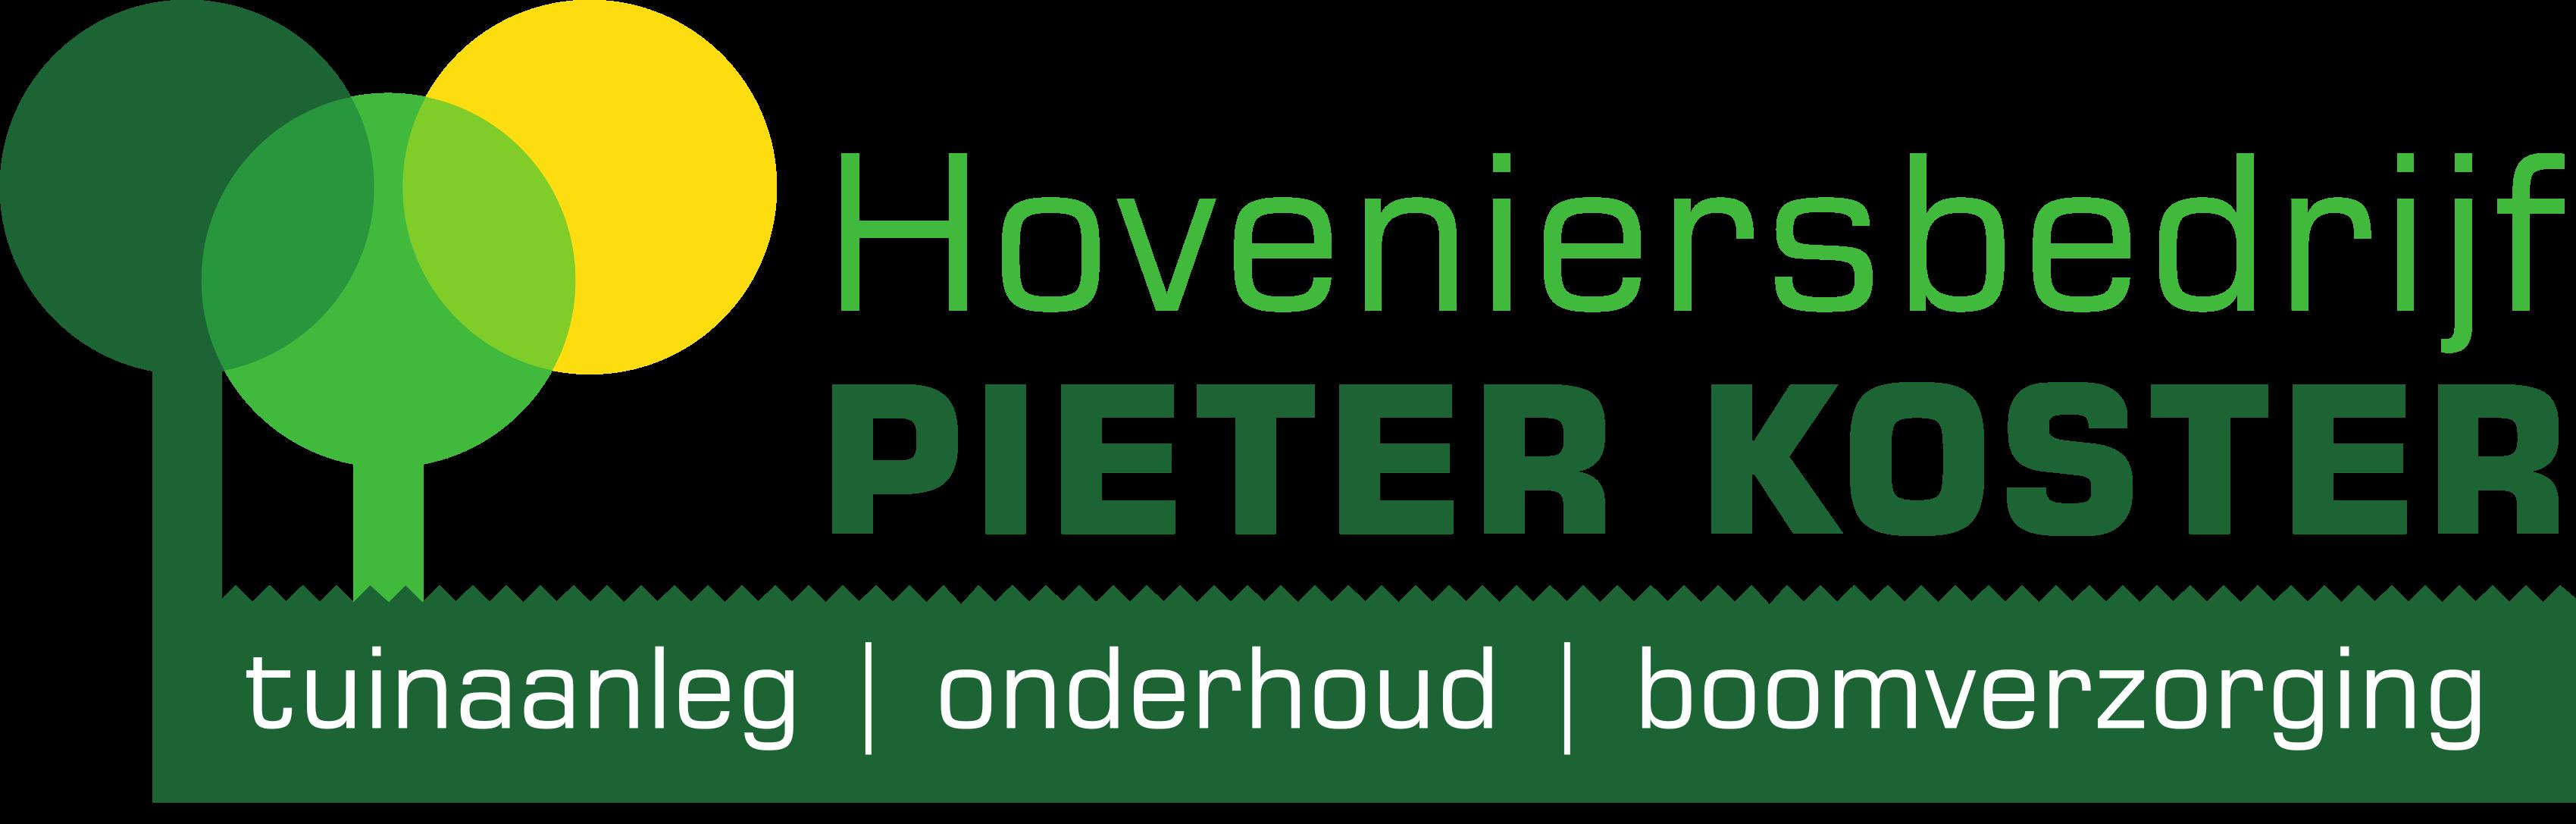 Hoveniersbedrijf Pieter Koster Logo